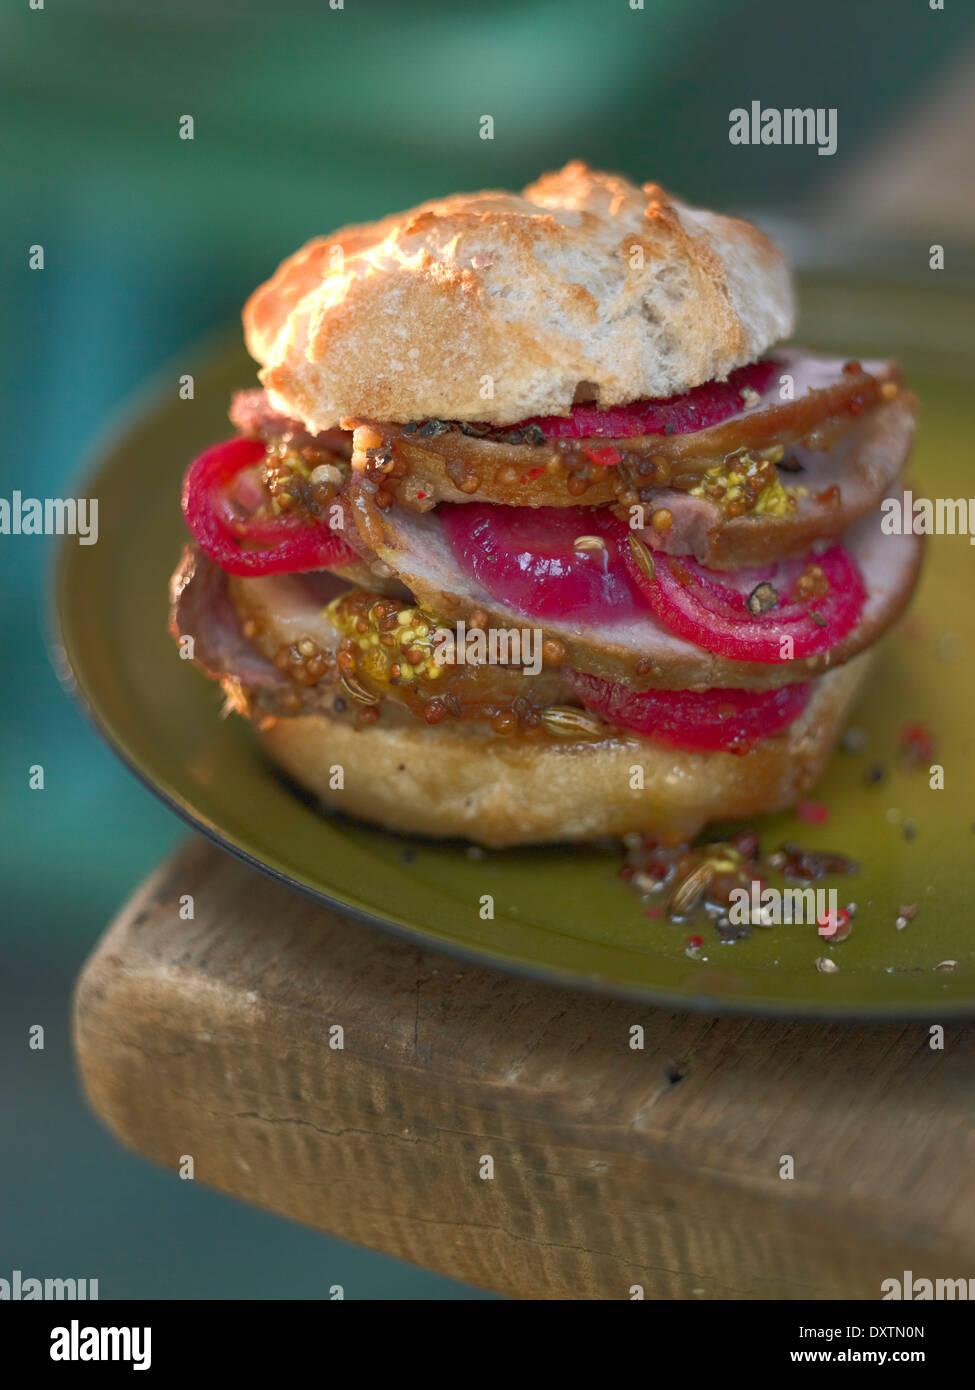 Rôti de porc fumé, oignon rouge et moutarde traditionnelle burger Photo Stock